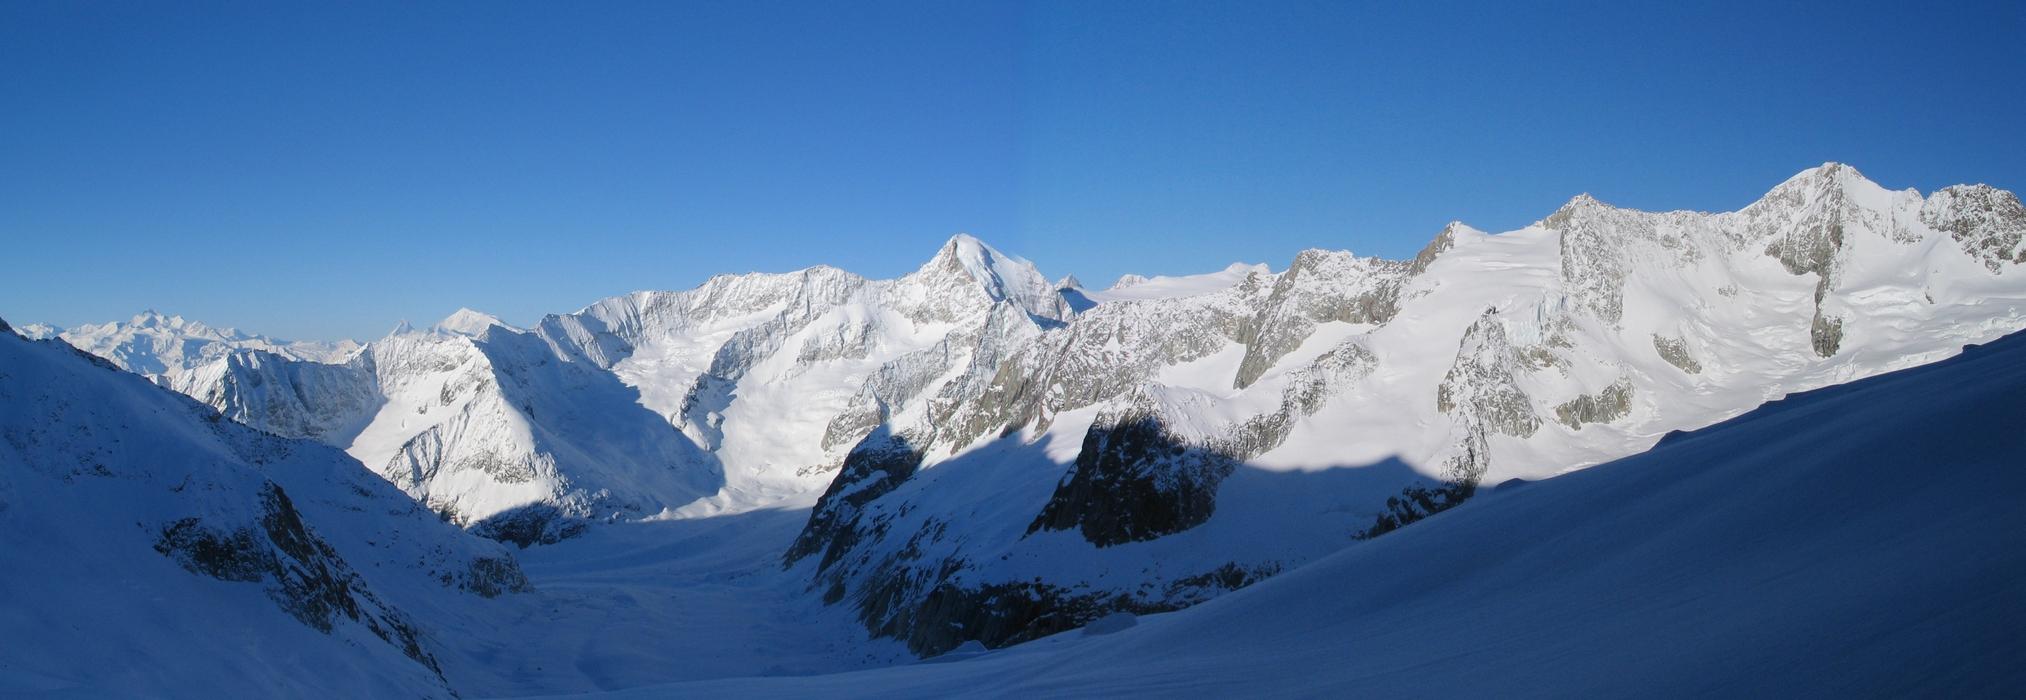 Grosser Aletschhorn Berner Alpen / Alpes bernoises Schweiz panorama 08